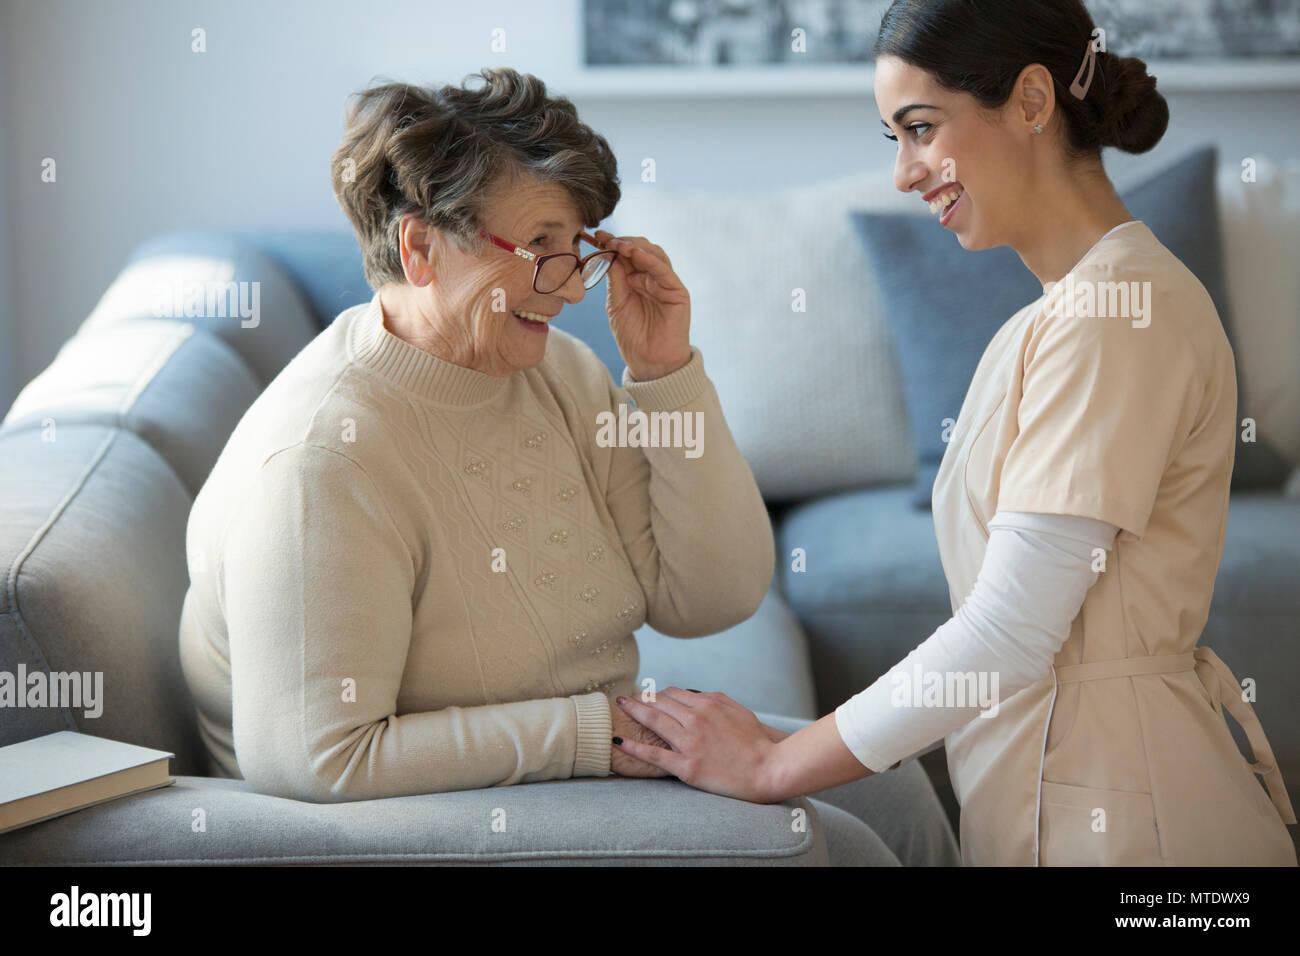 Eine Ausschreibung Betreuer kniete und mit Blick auf eine lächelnde ältere Frau, sitzt auf einem Sofa und halten Sie Ihre Brille Stockbild